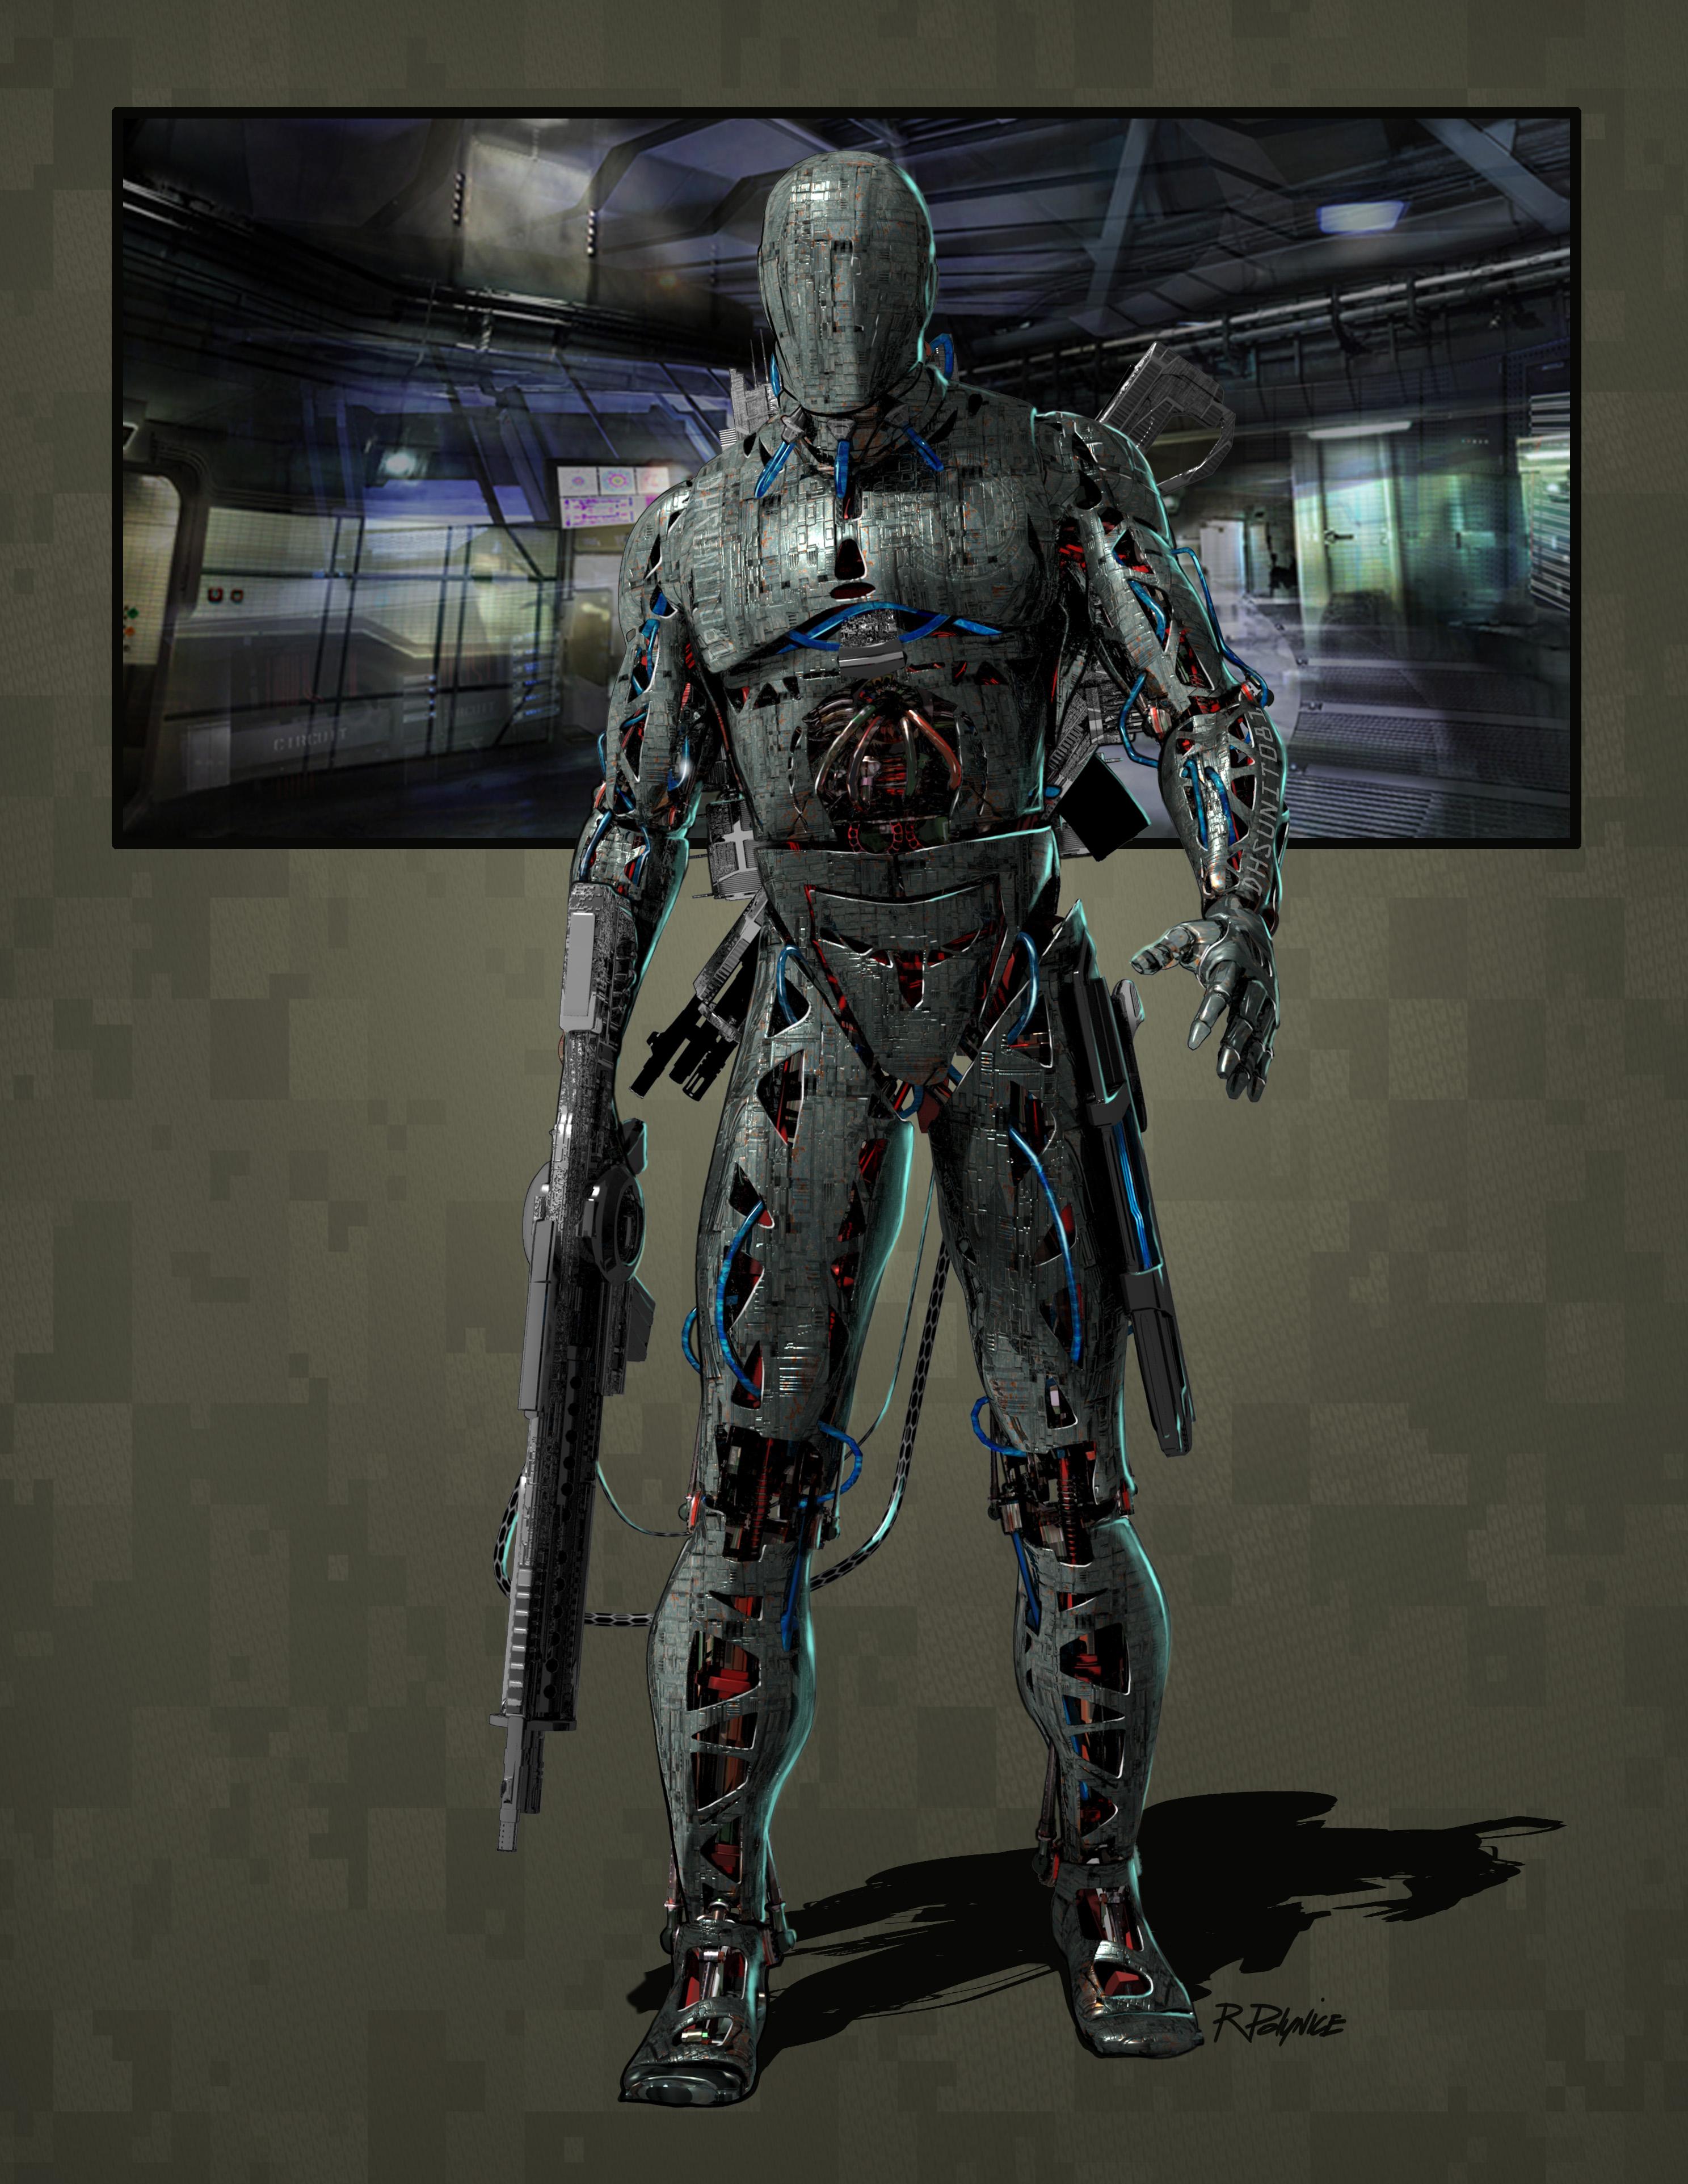 DroidSealComp7_22_20